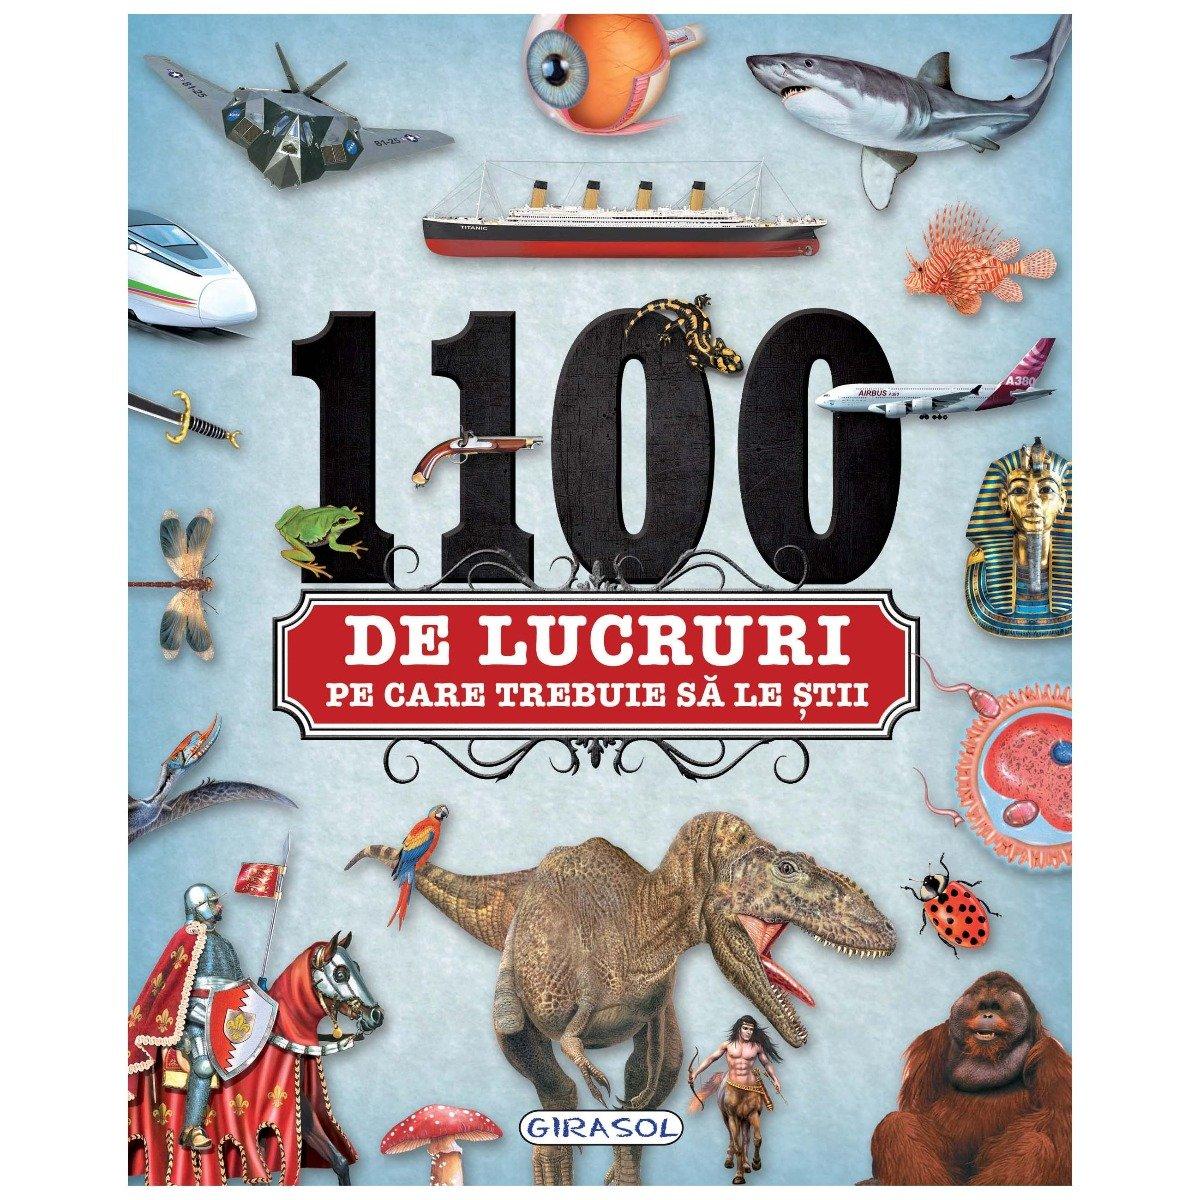 Carte editura Girasol, 1100 de lucruri pe care trebuie sa le stii